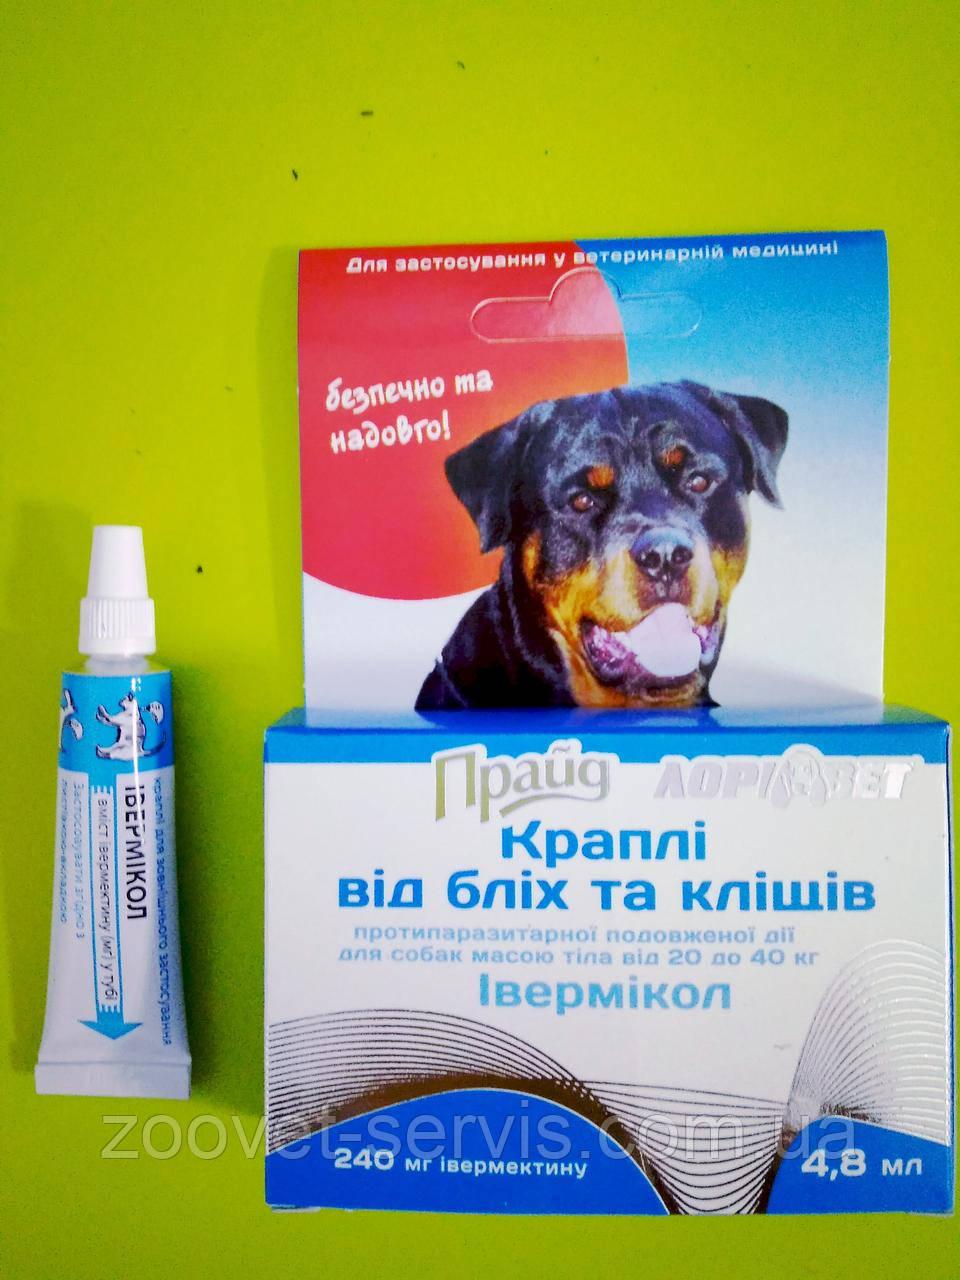 Прайд-Ивермикол капли от блох и клещей для собак 20-40 кг